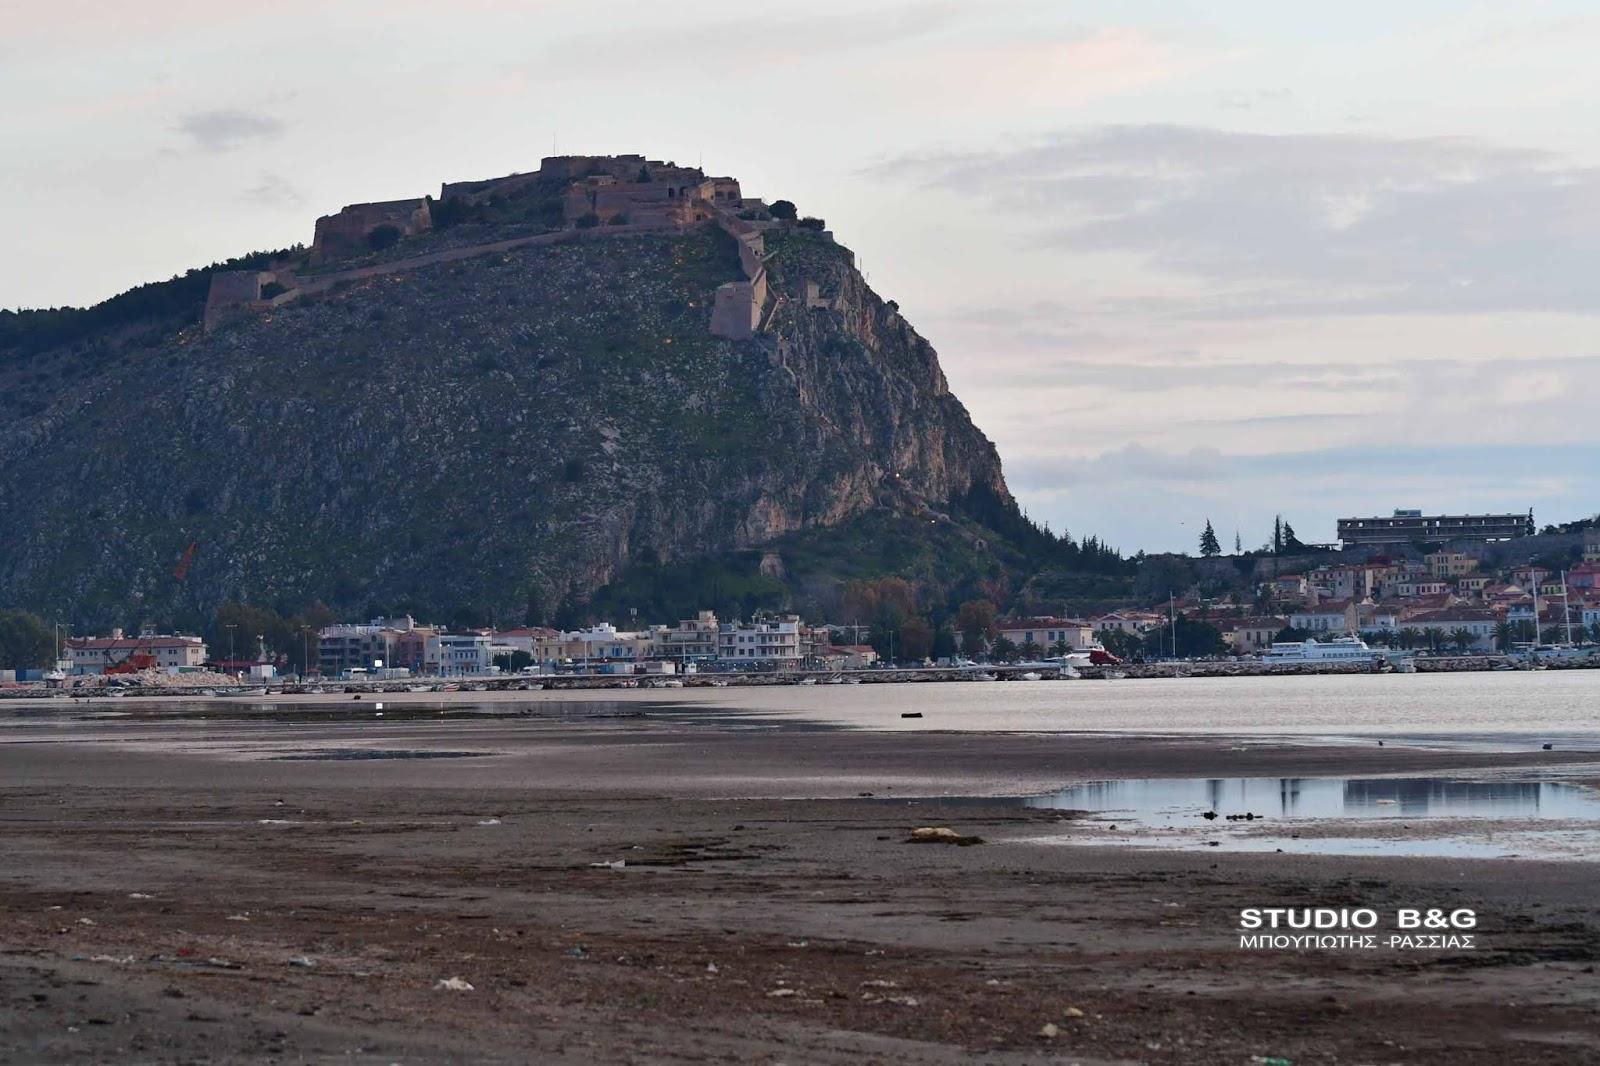 Απίστευτη άμπωτη στο Ναύπλιο: Η θάλασσα τραβήχτηκε περισσότερο από 150 μέτρα